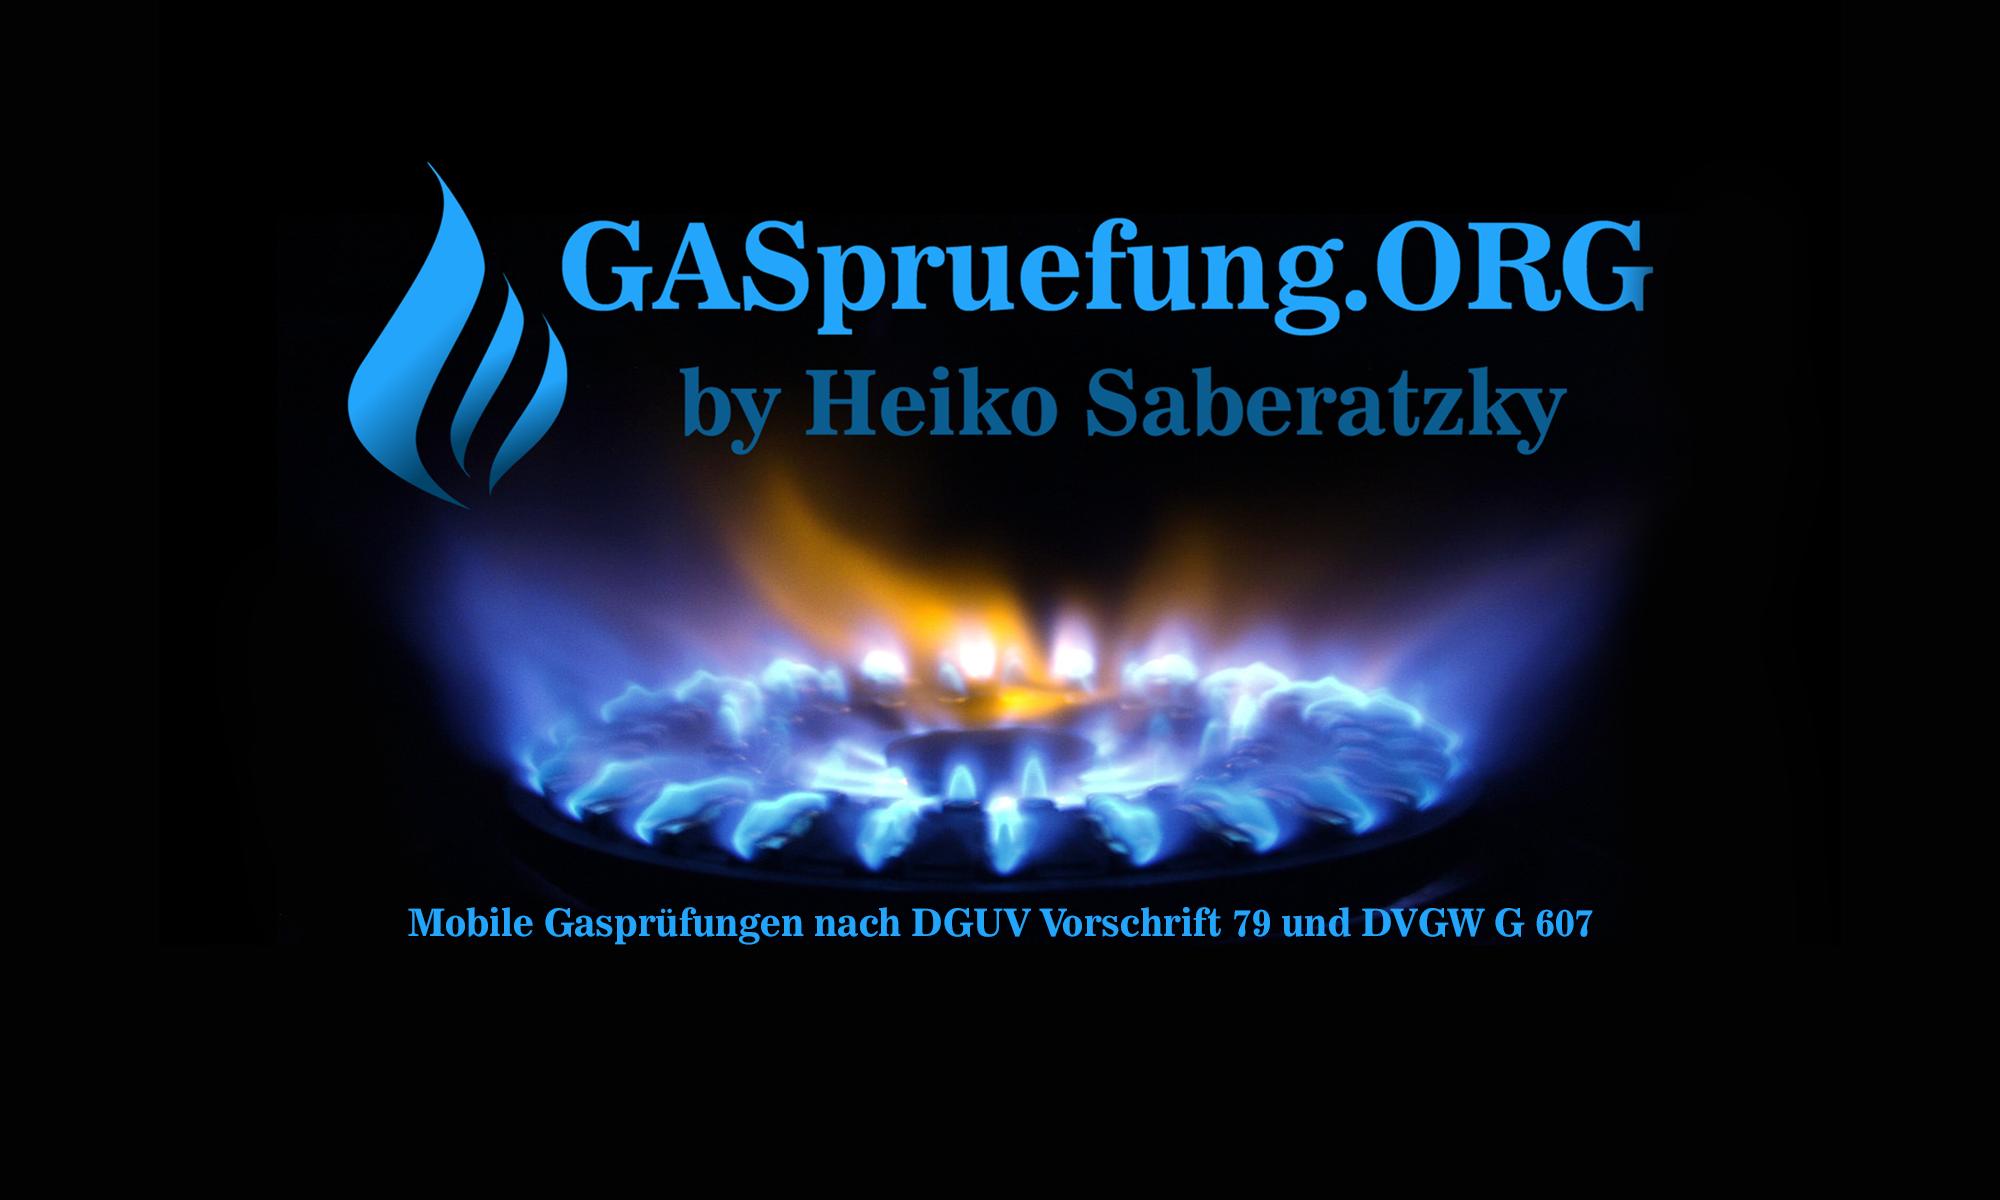 GASpruefung.ORG